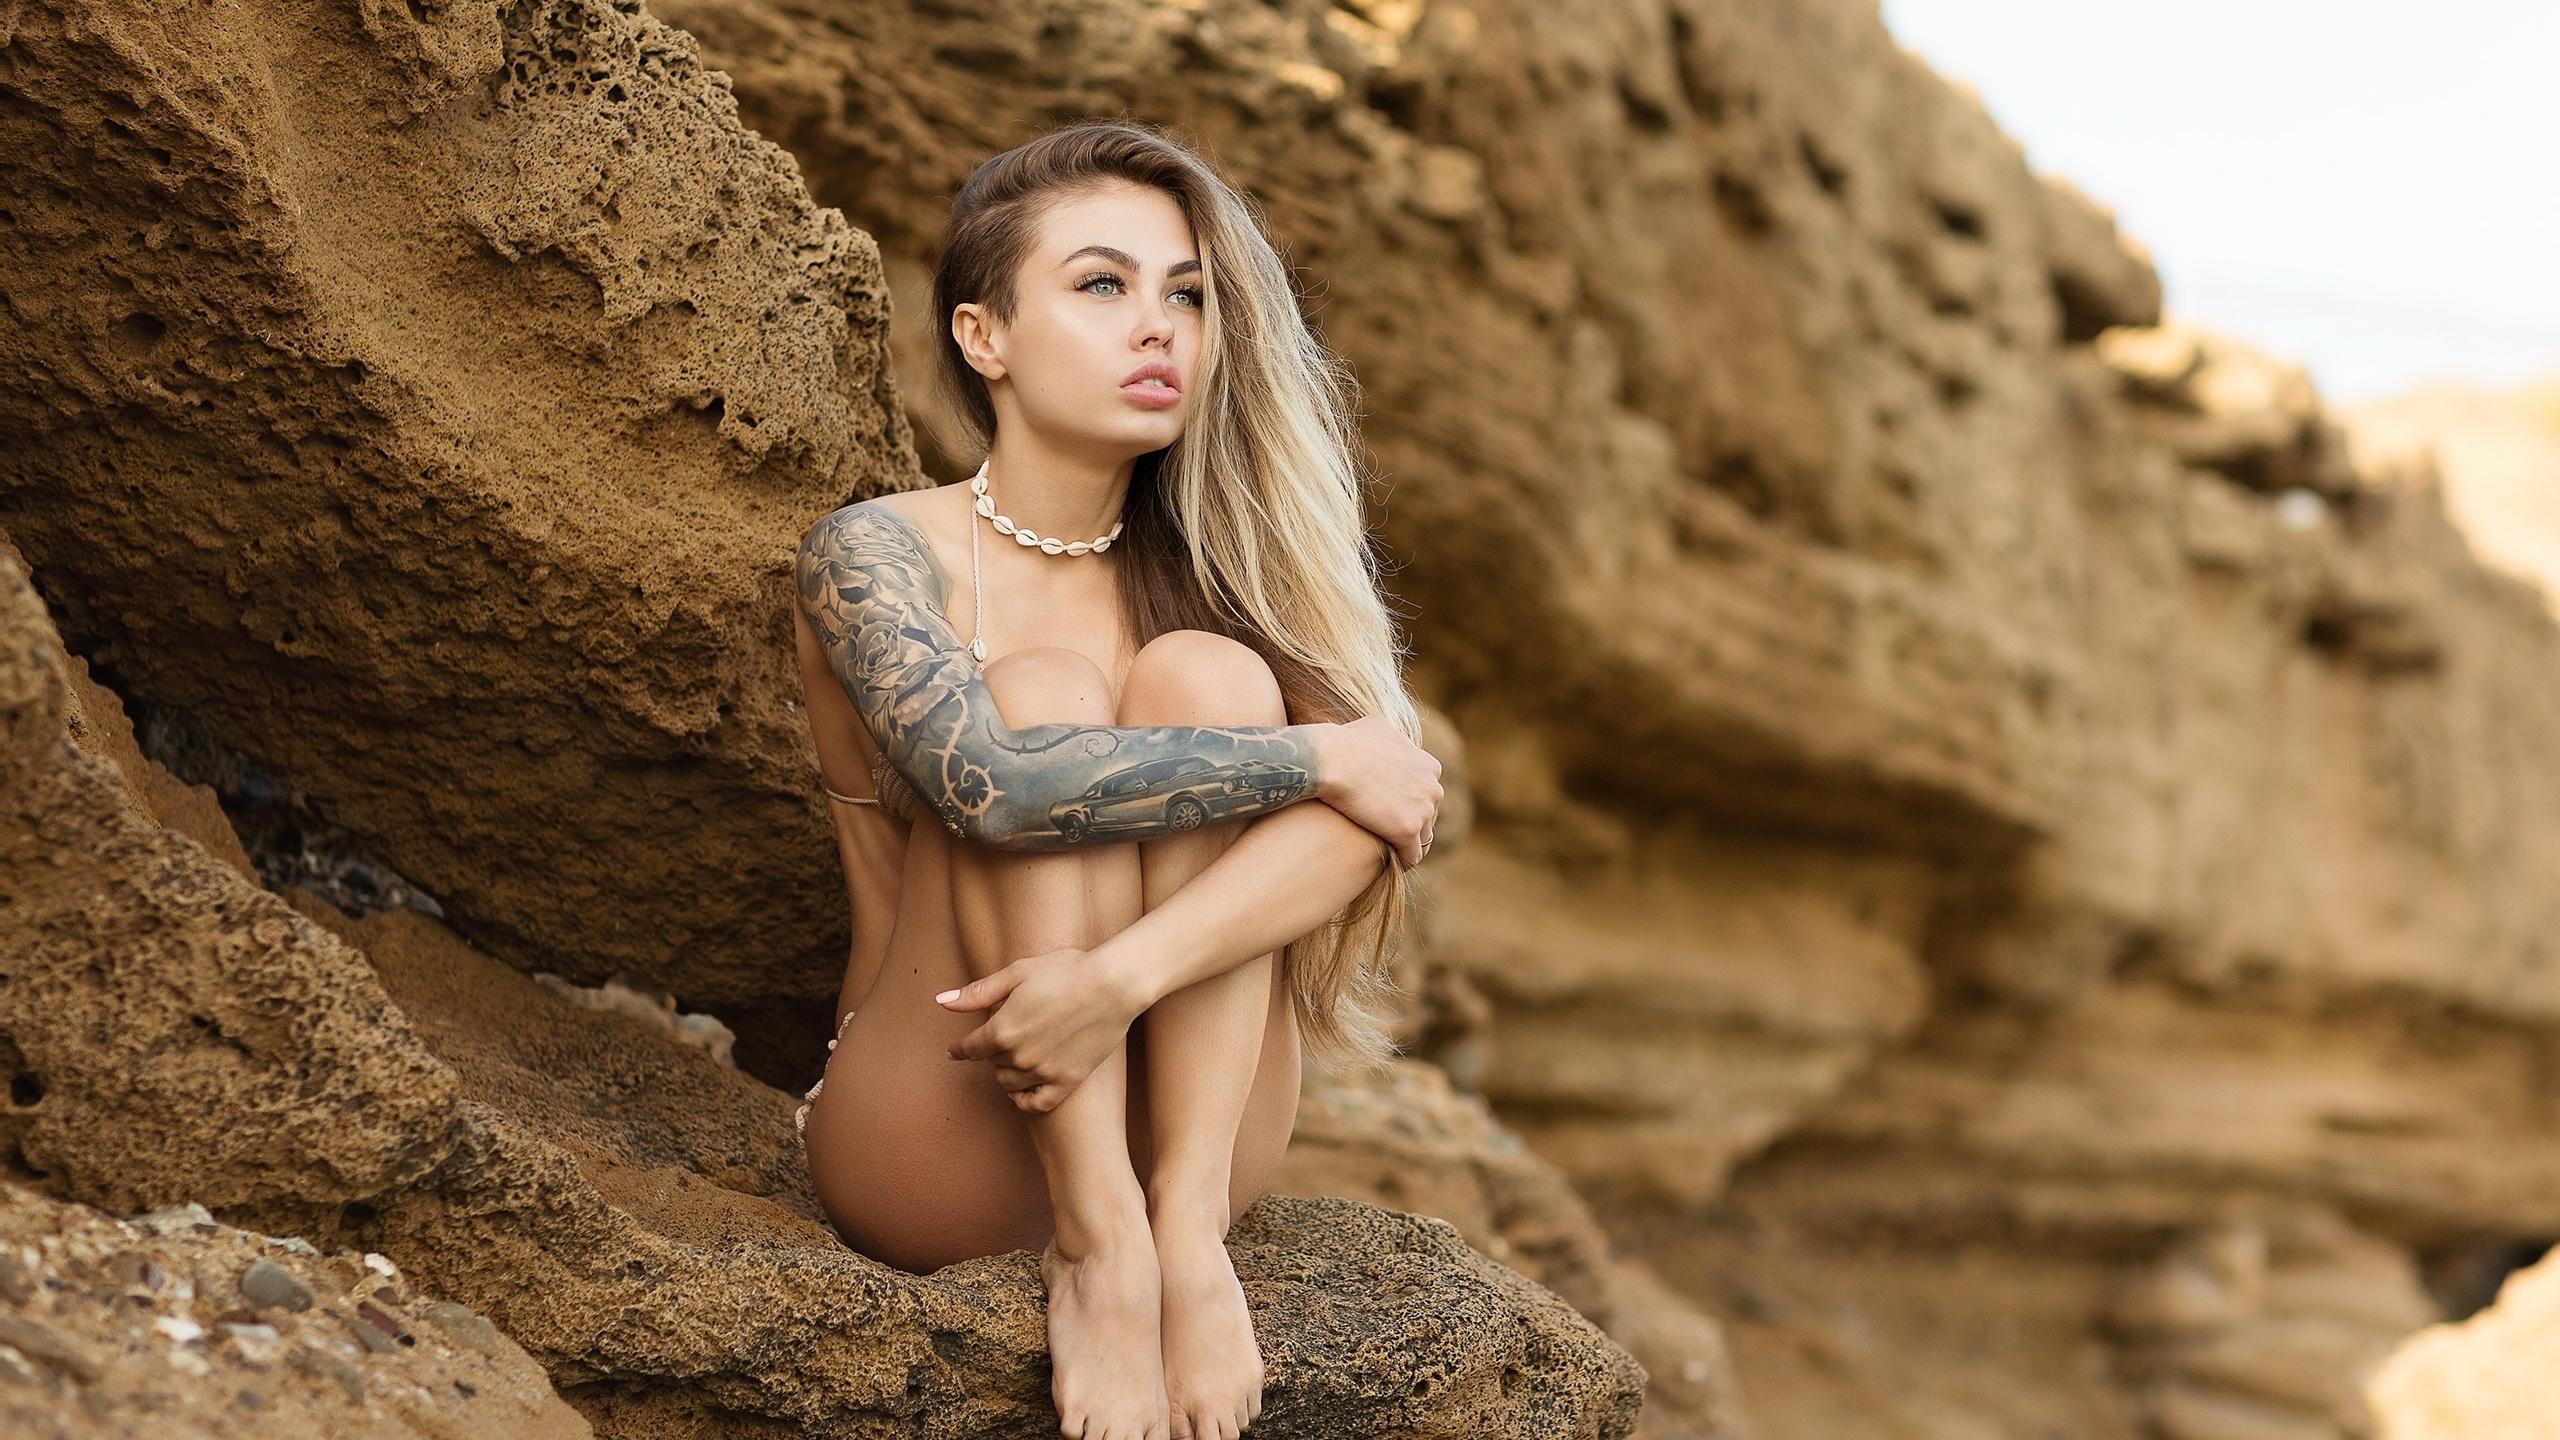 women, sitting, bikini, brunette, long hair, rocks, women outdoors, looking away, blonde